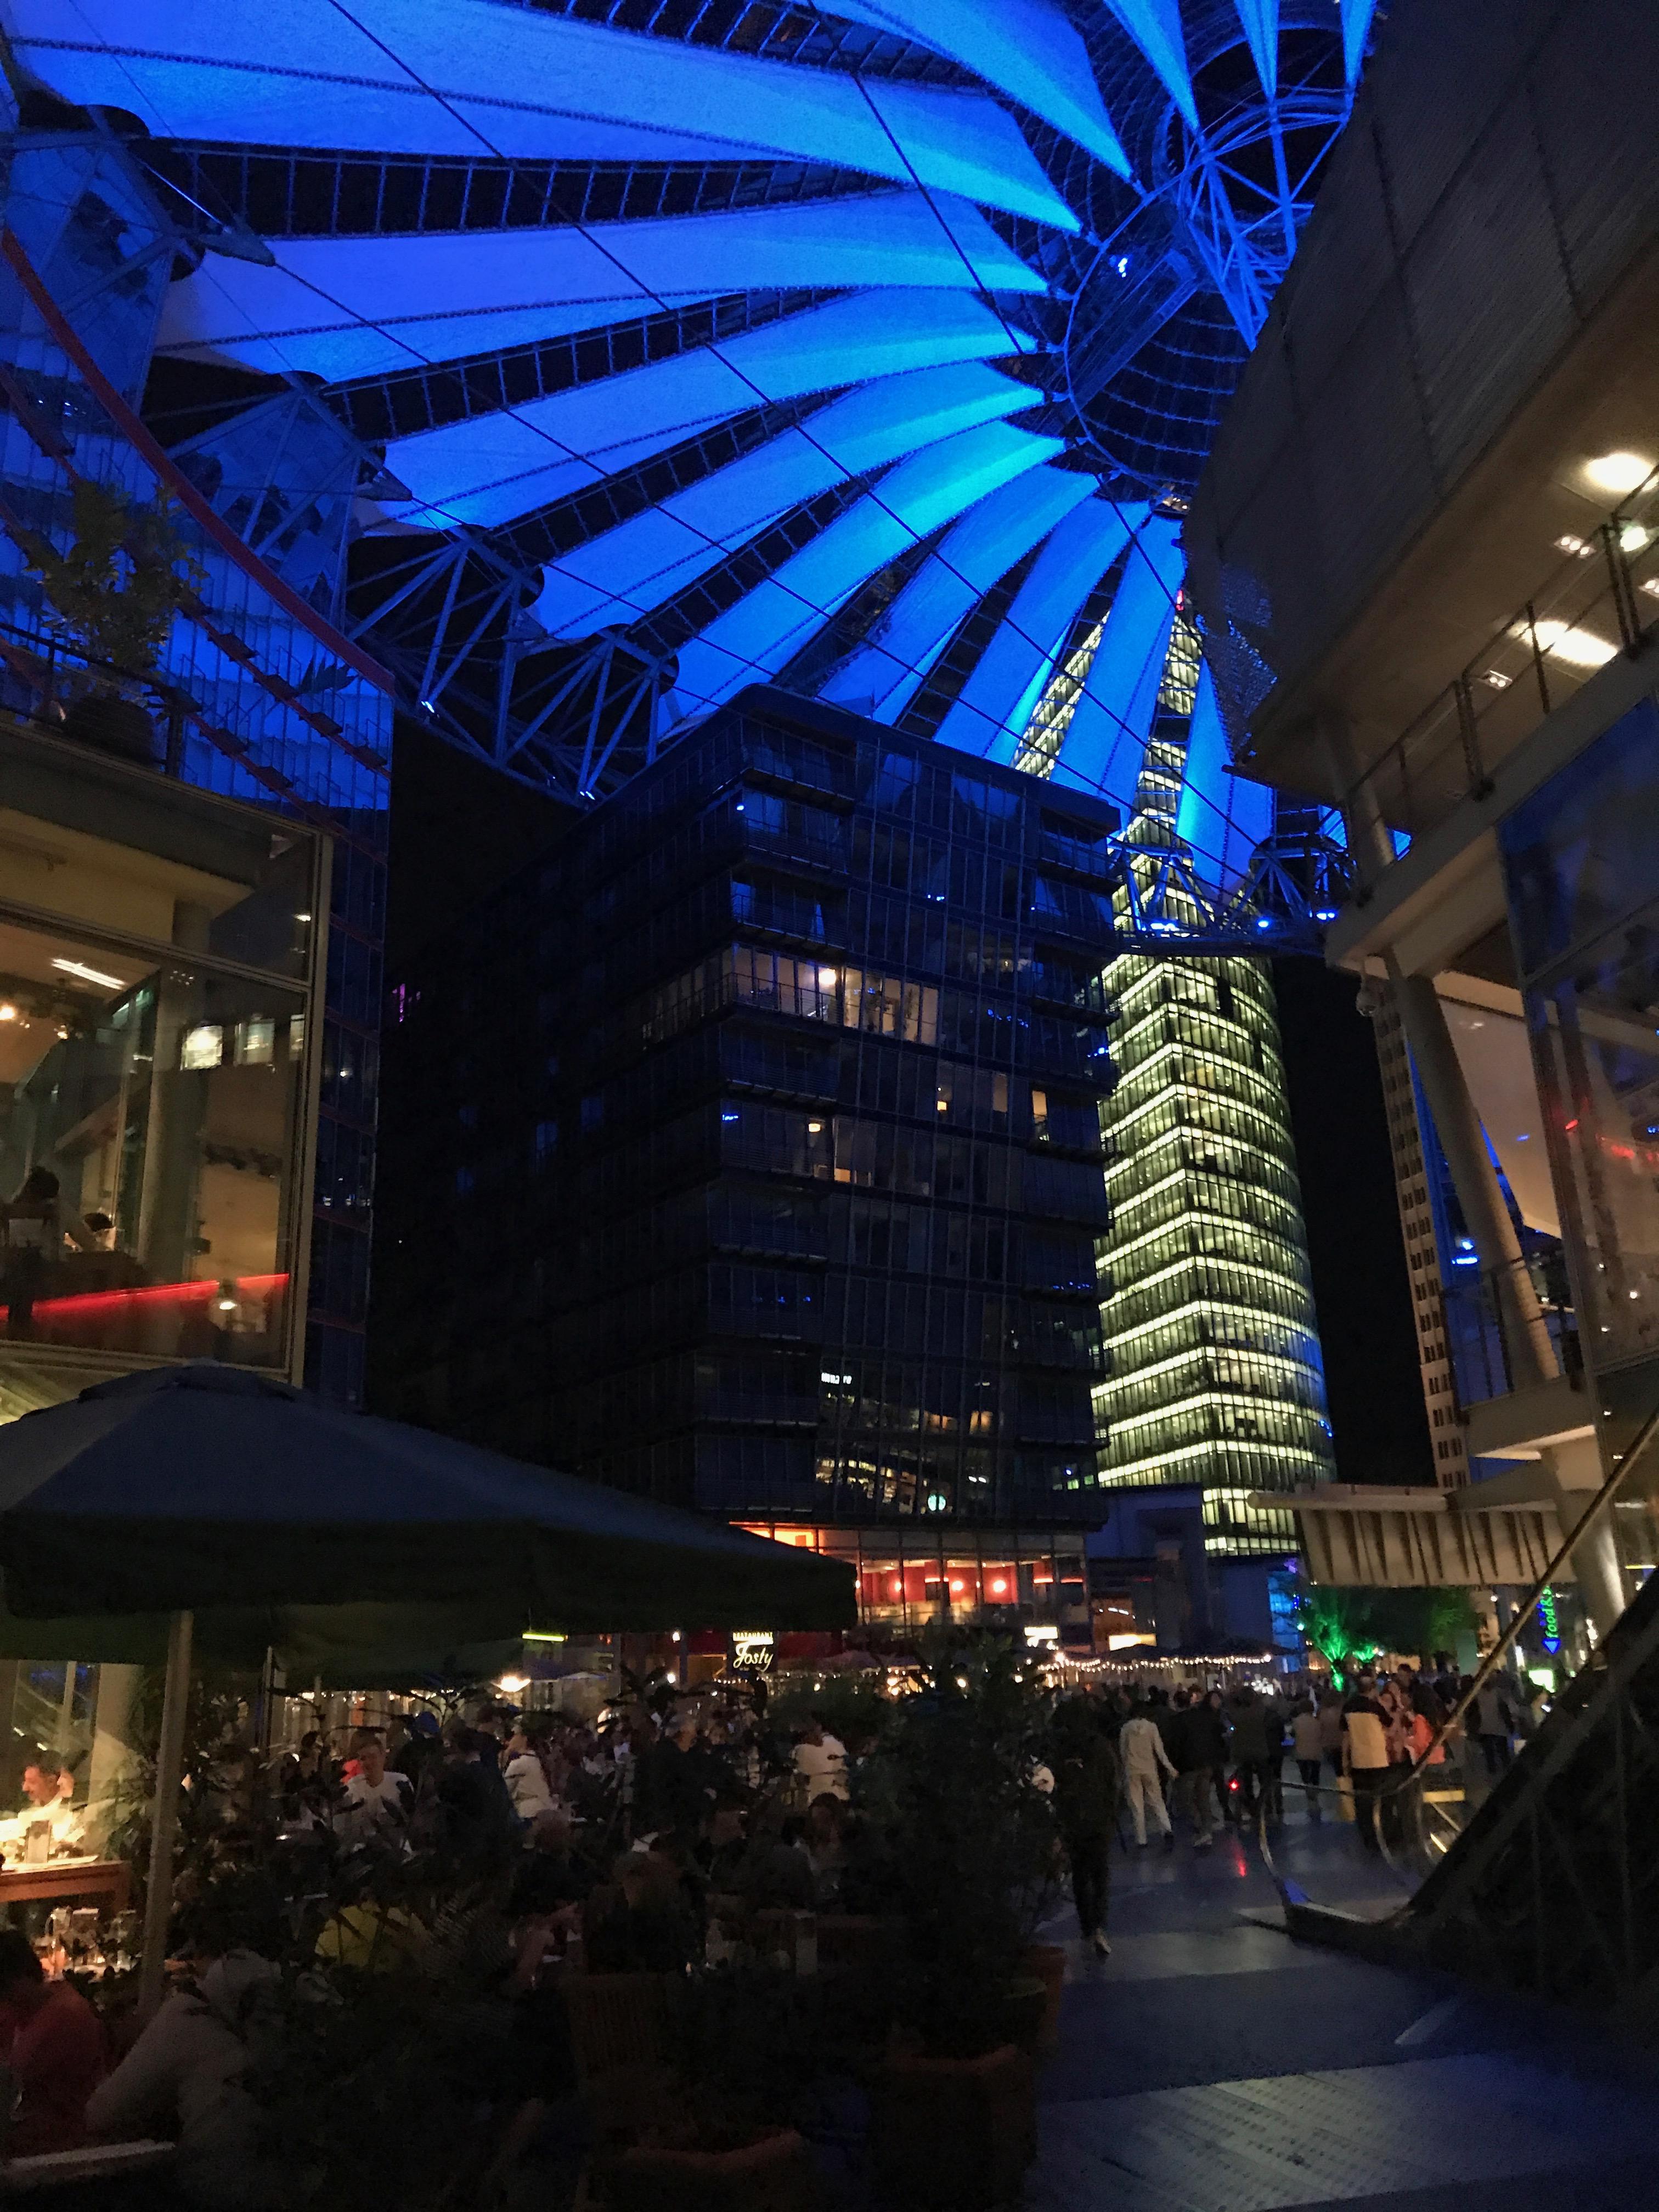 IMG_7996 برلين عاصمة الحرب و السلام , هنا تجدون رحلتي لها مع اهم الاماكن السياحية و الفنادق و الاسواق و بعض المطاعم .